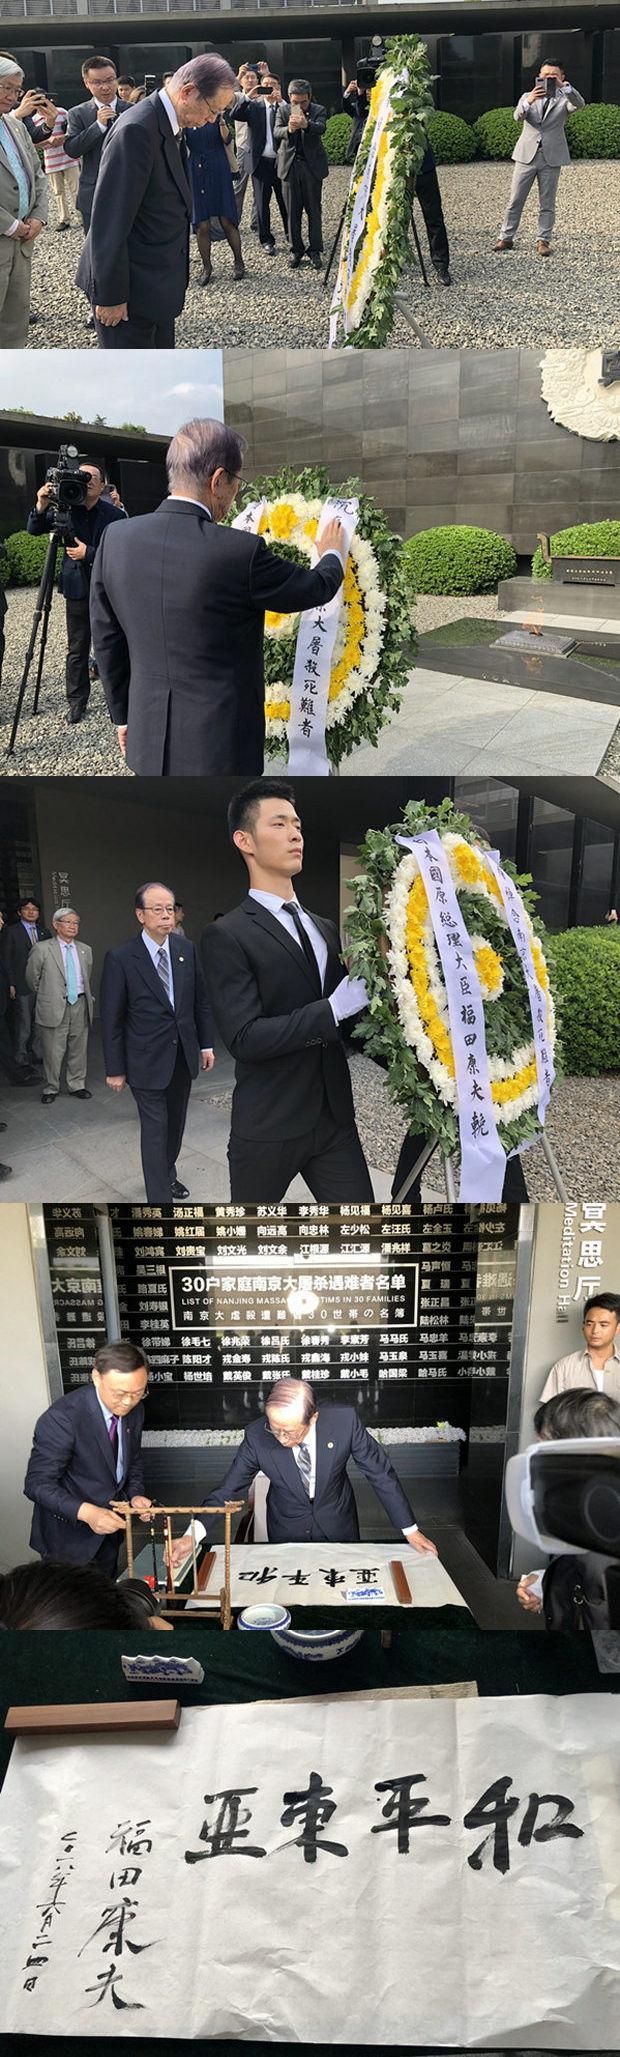 福田康夫首相が南京大虐殺記念館を訪問